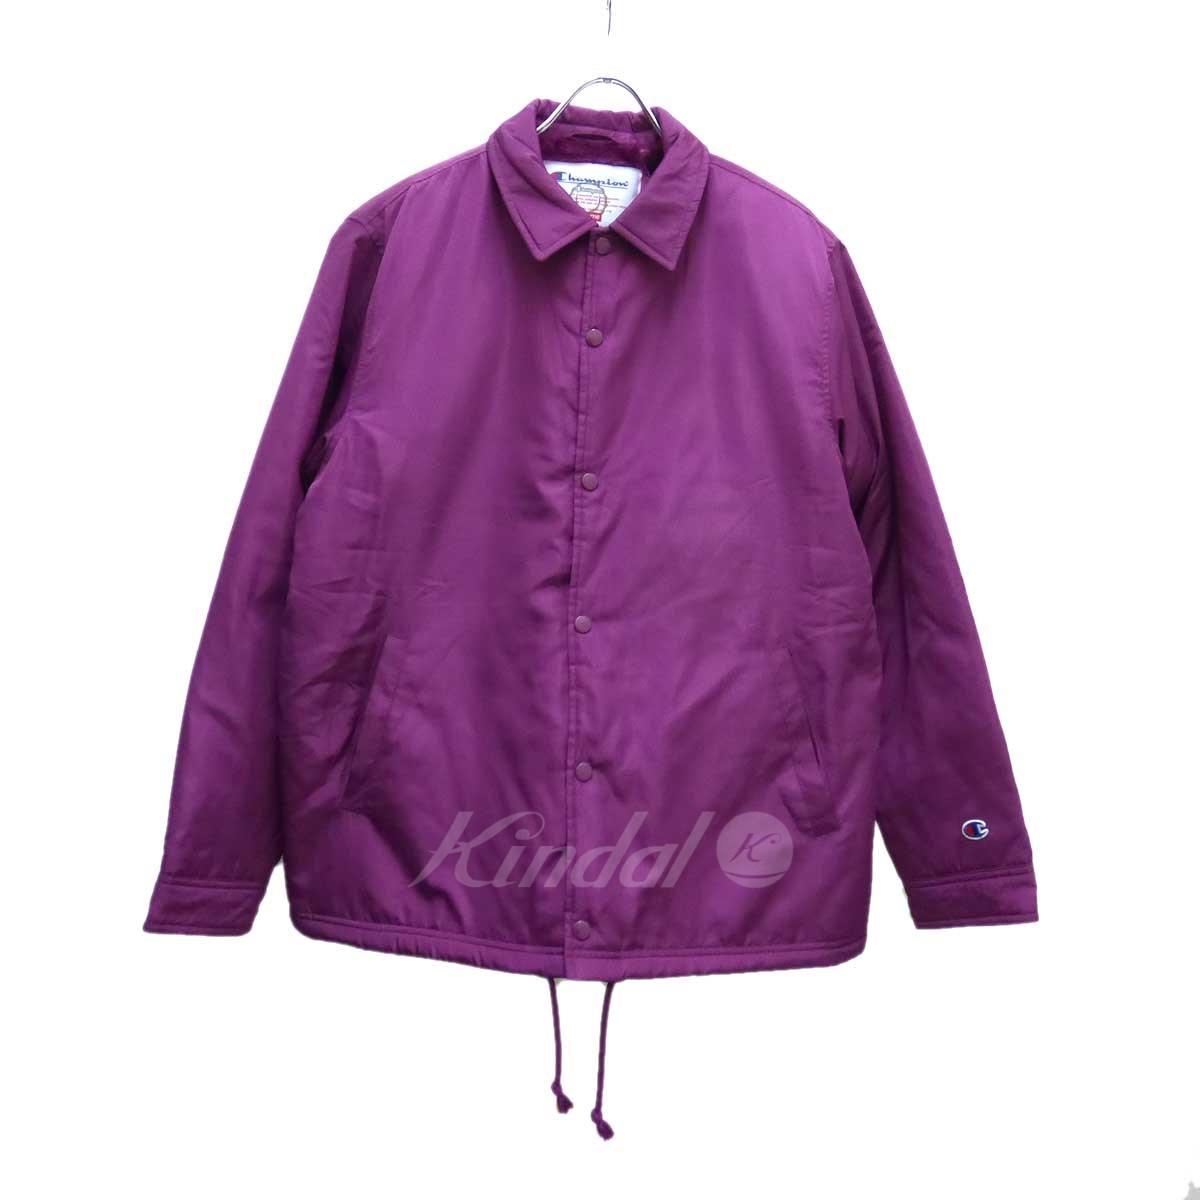 【中古】SUPREME×Champion Label Coaches Jacket ブルゾン 【送料無料】 【155620】 【KT1544】 【返品不可】